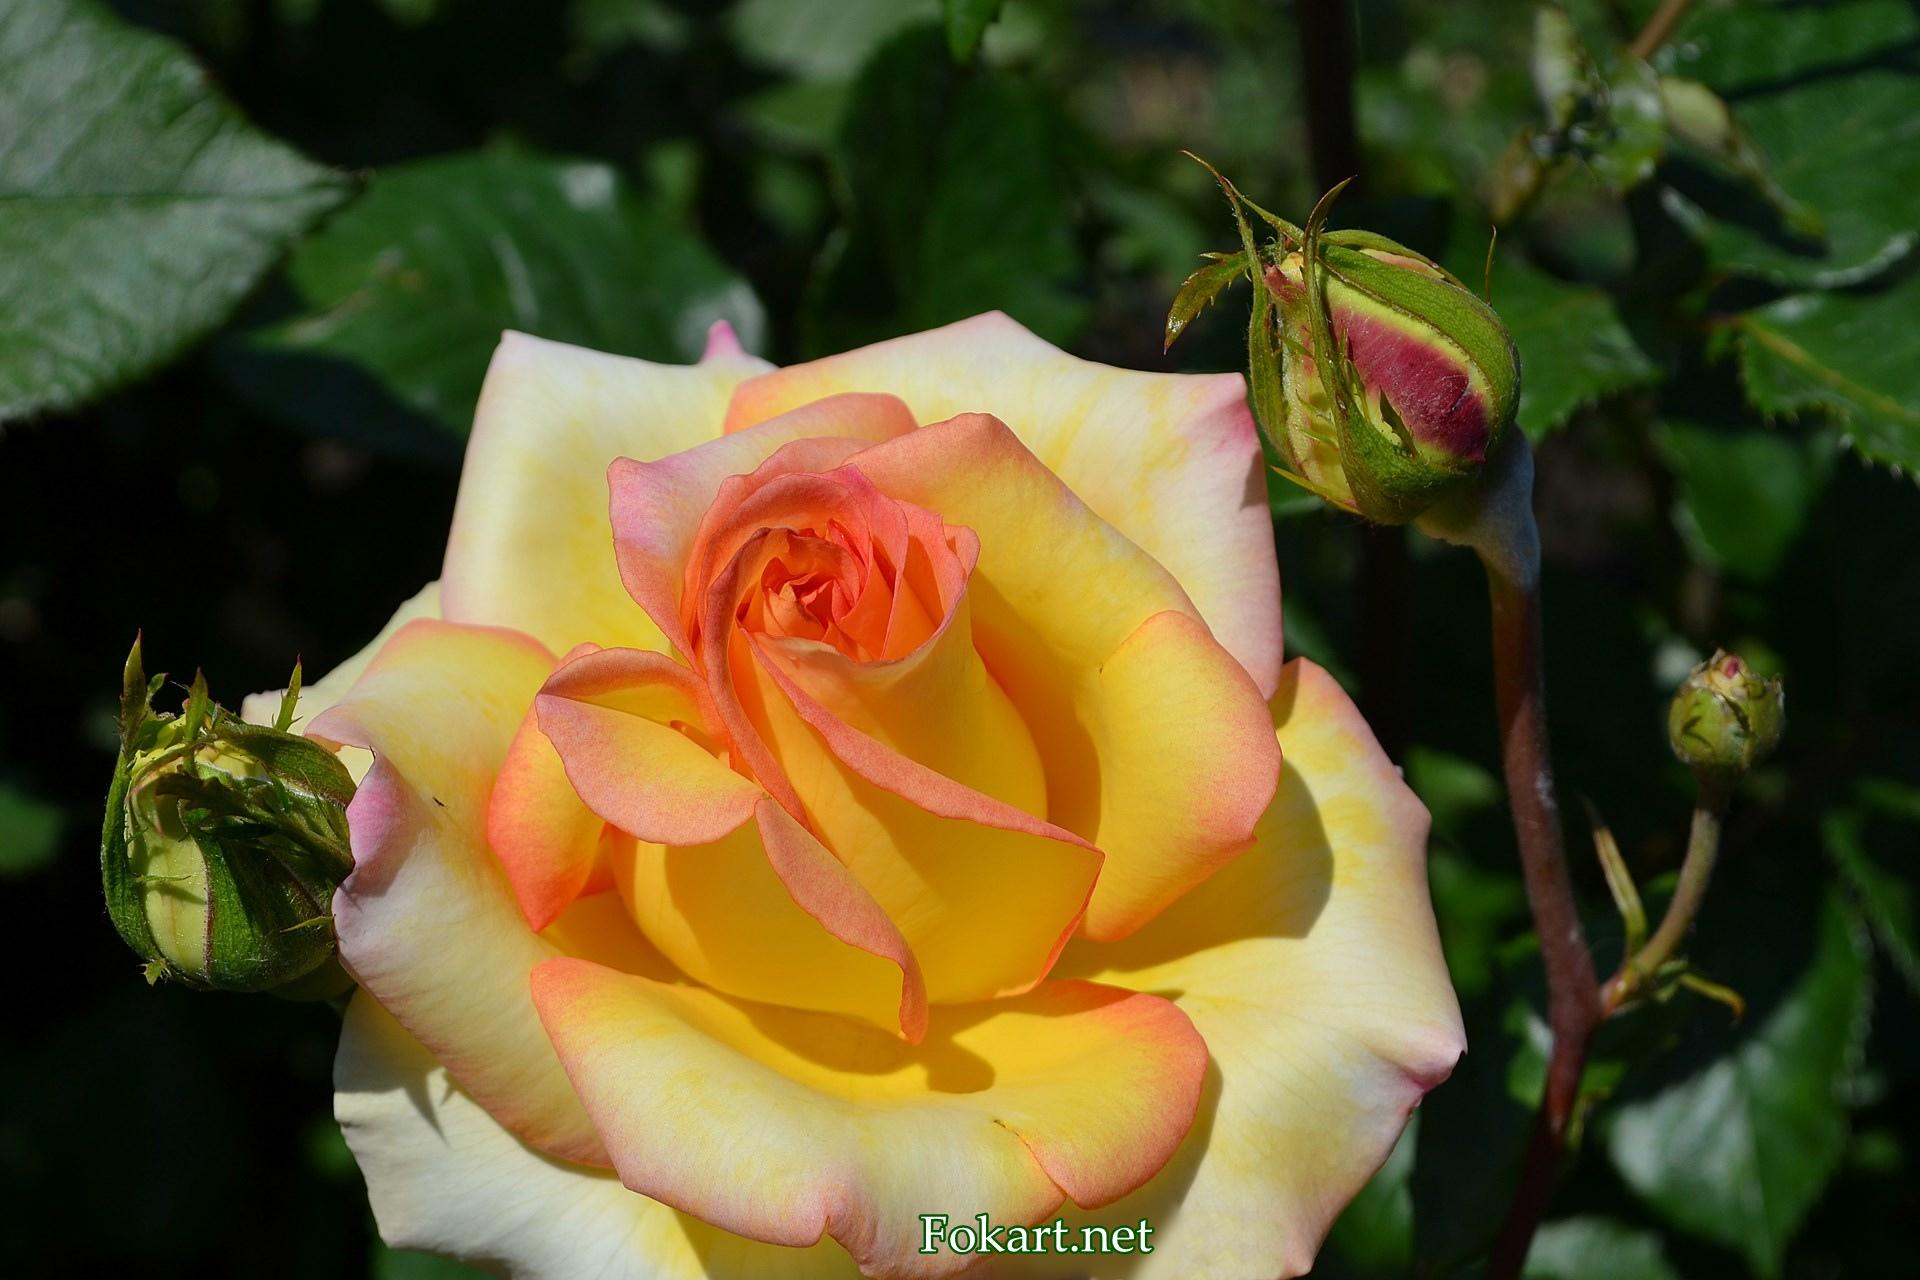 Красивая жёлтая роза с краешками лепестков лососевого цвета